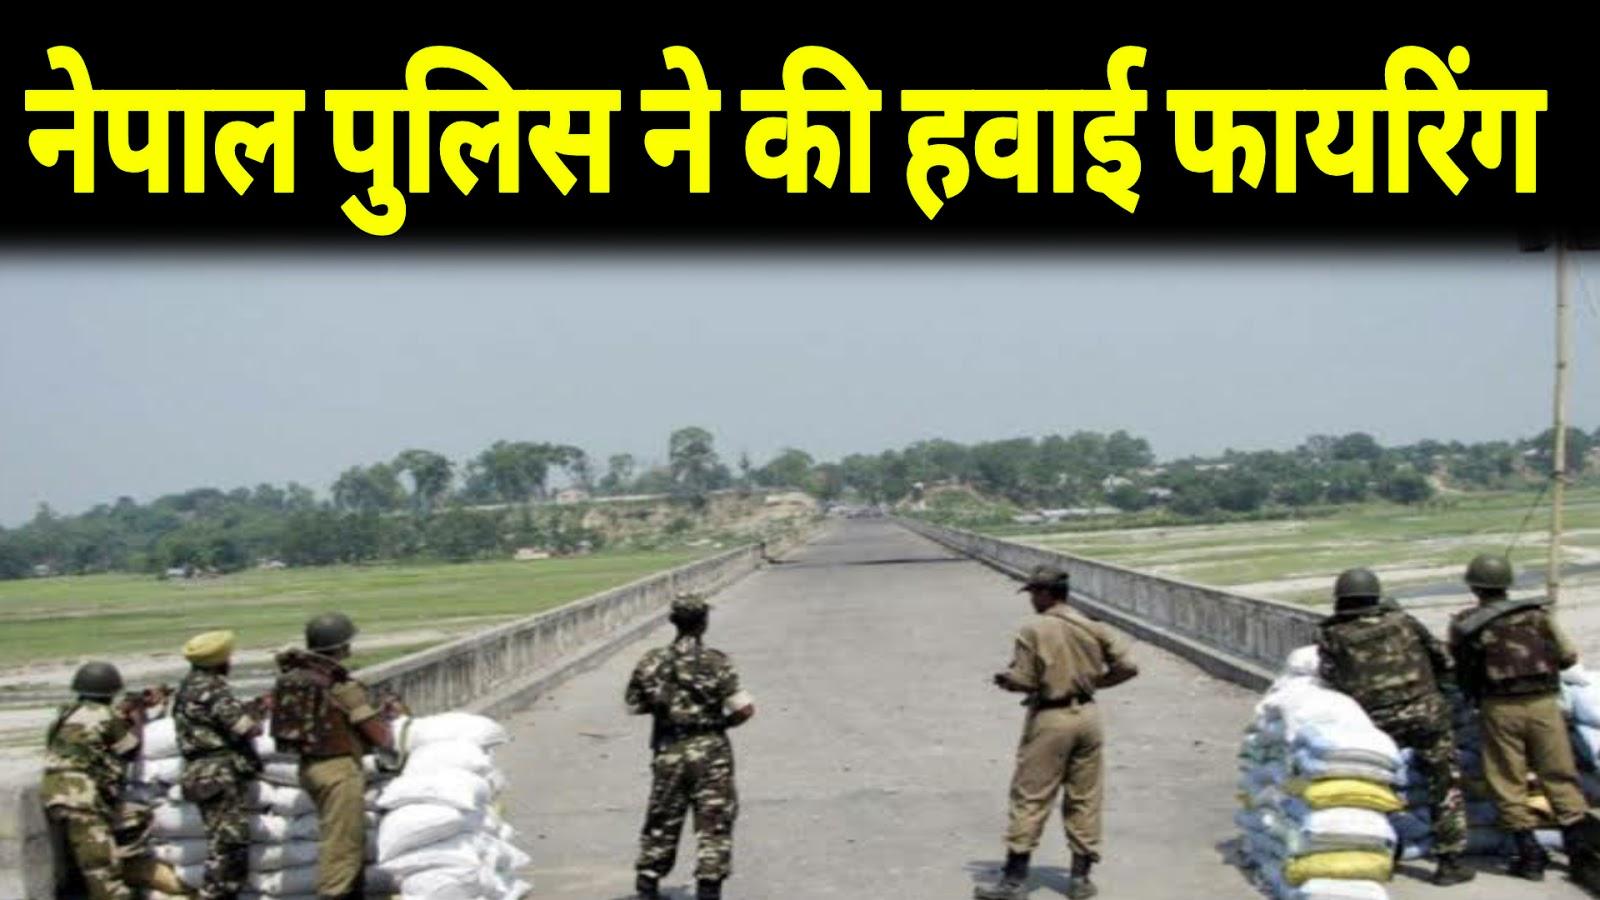 नेपाल पुलिस ने सीमा क्षेत्र में फिर की फायरिंग, महिला और बच्चे को बंधक बनाया